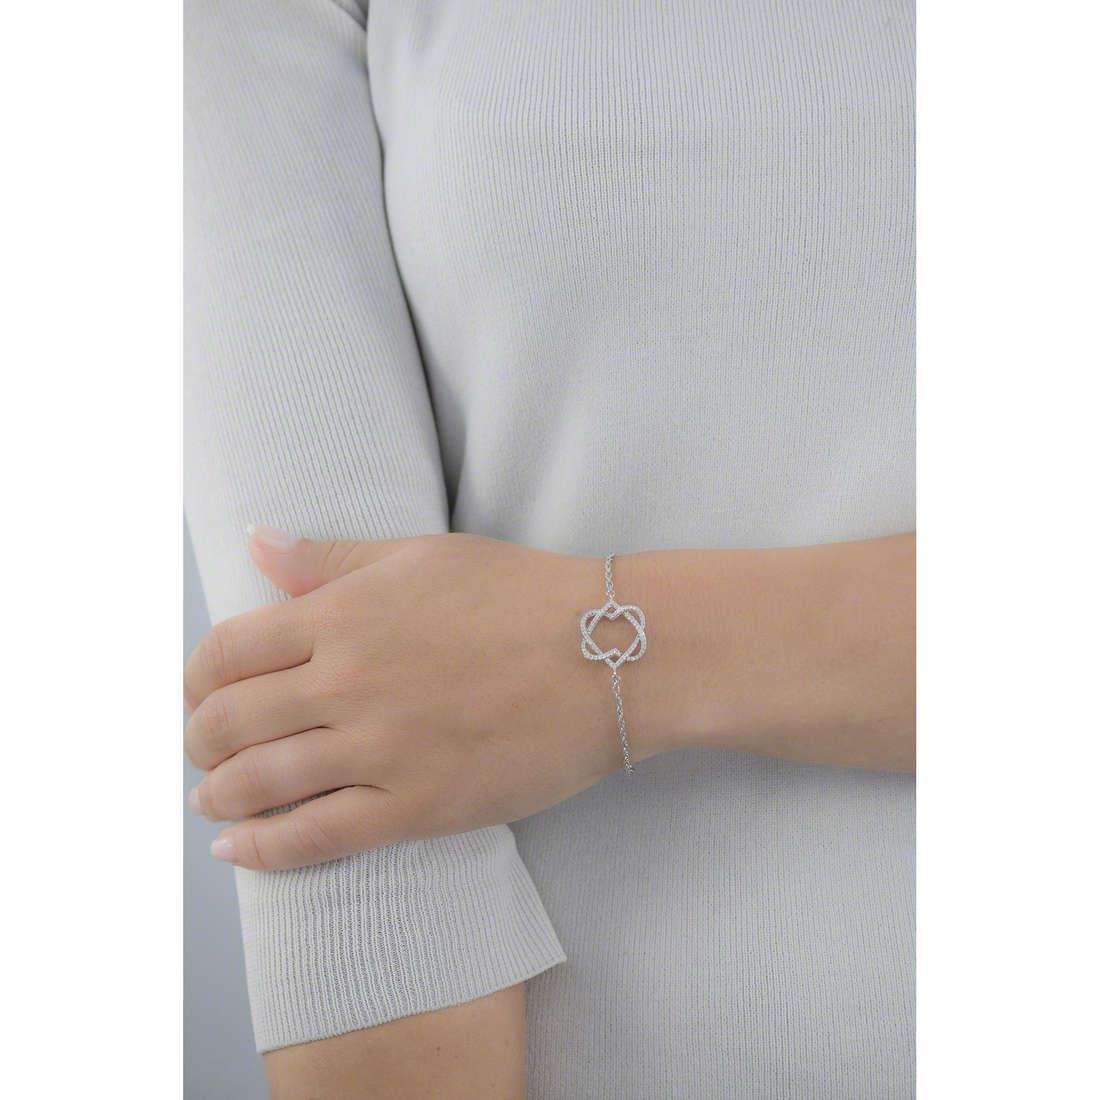 Morellato bracciali donna SAHA21 indosso